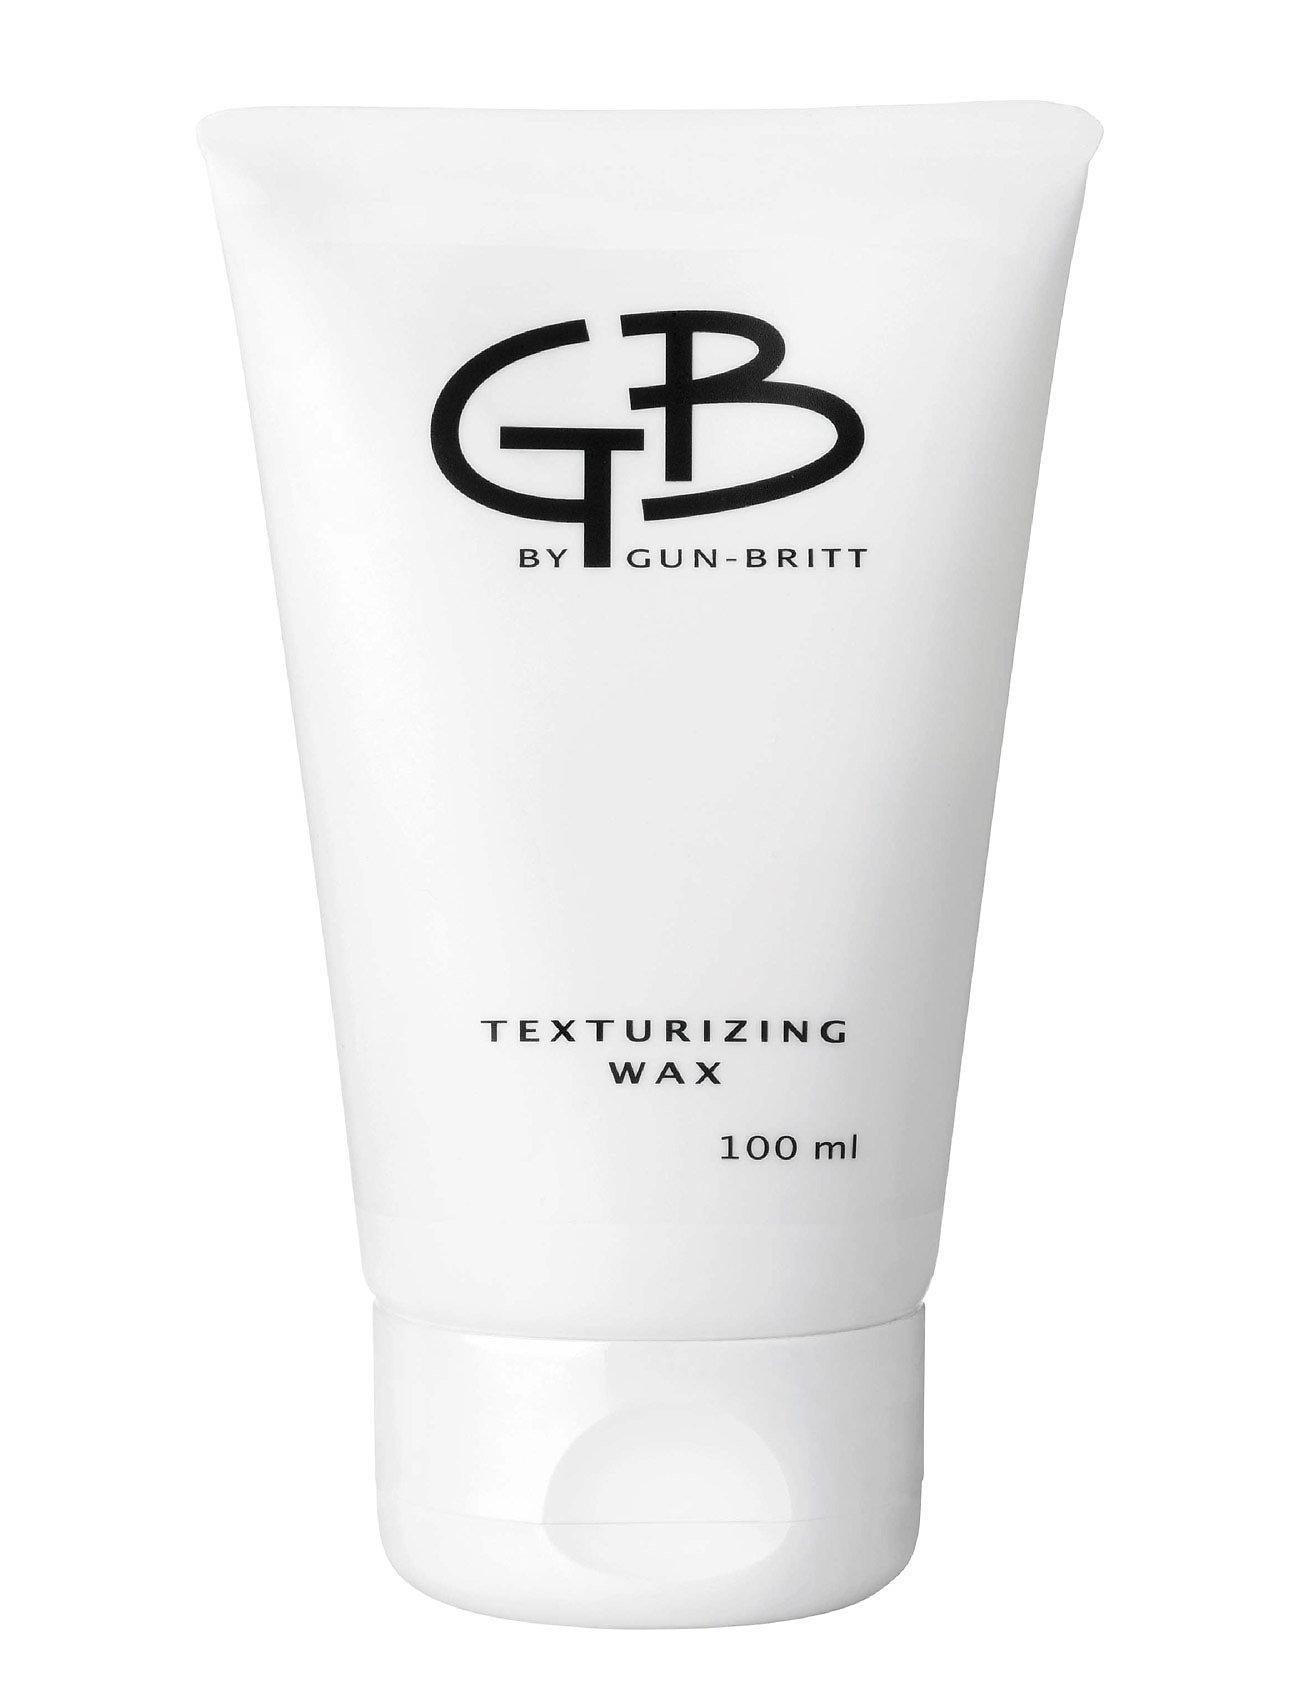 Image of Texturizing Wax Wax & Gel Nude GB By Gun-Britt (3186823041)